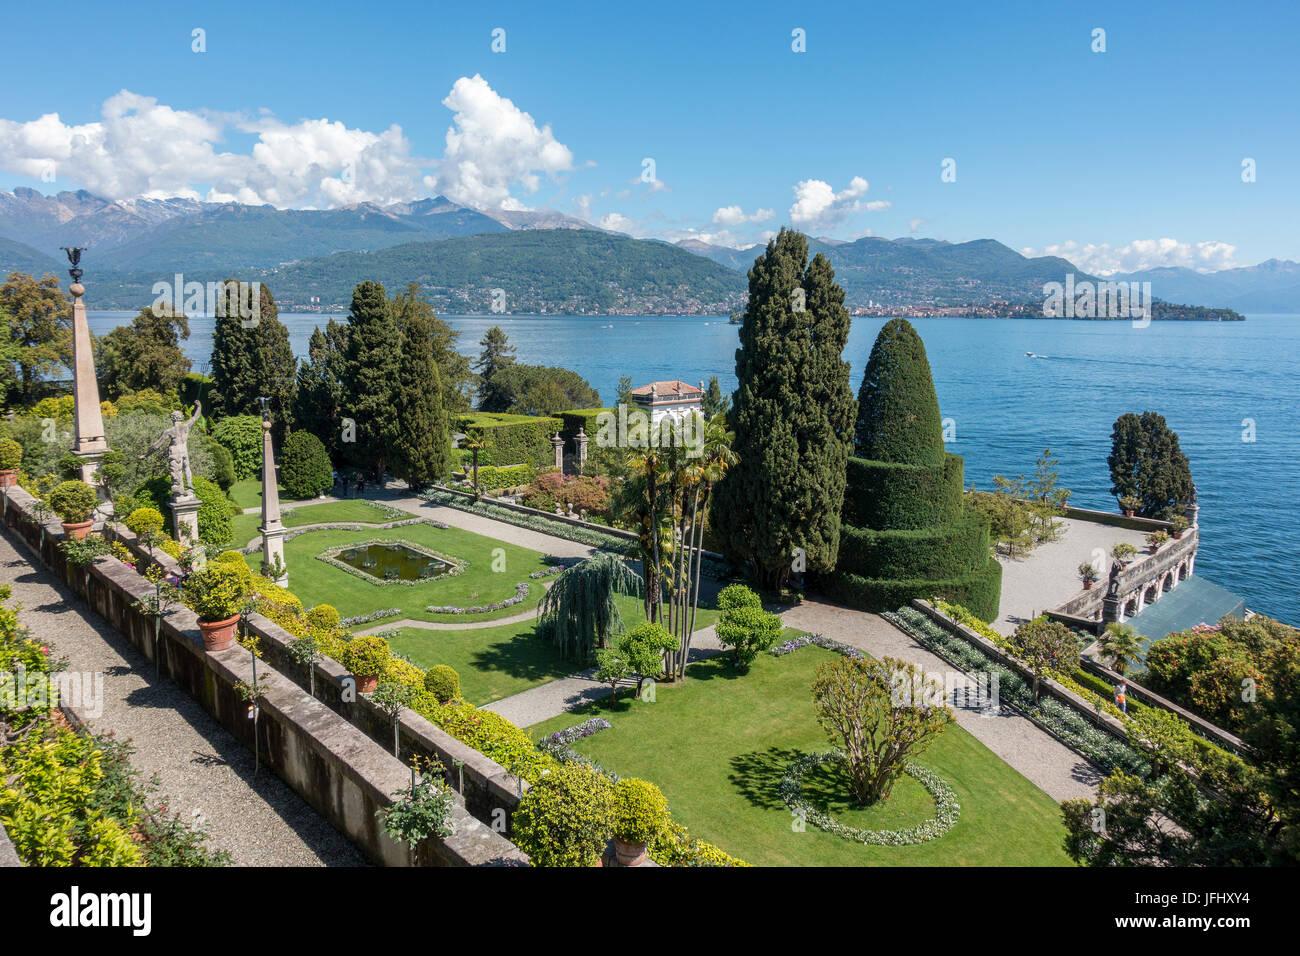 Isola Bella, Eine der Borromäischen Inseln Im Lago Maggiore, Italien Stockbild